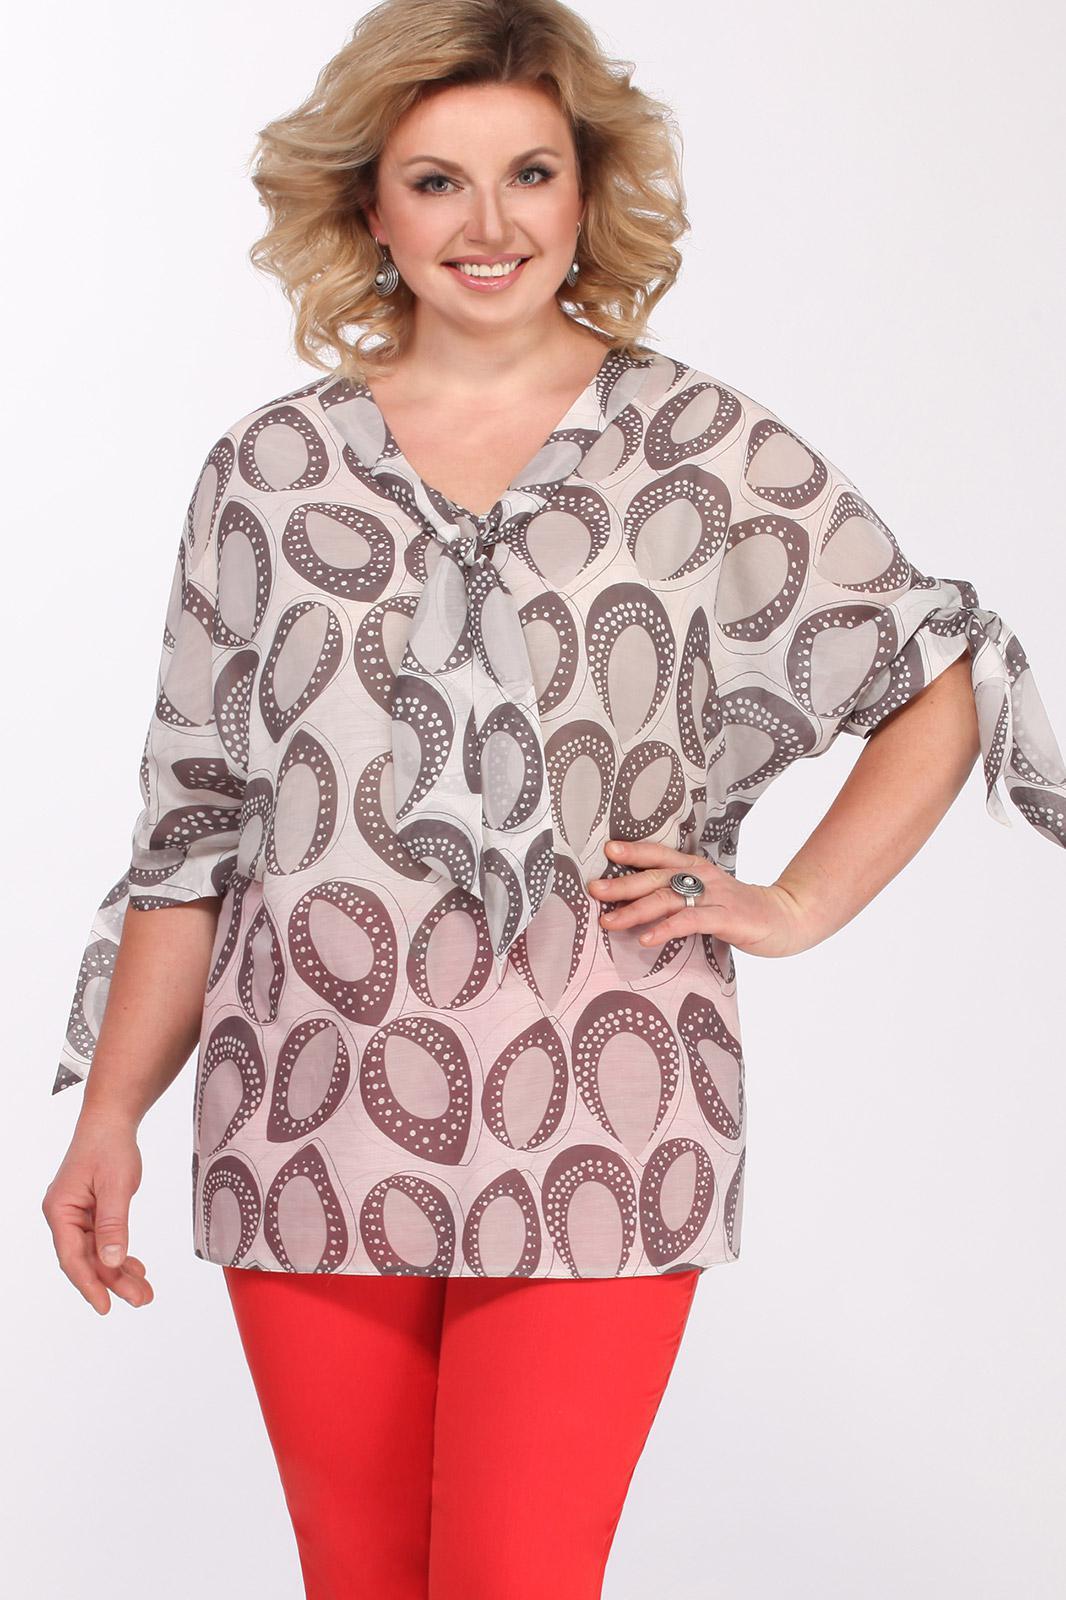 a00a8c9f3c5 Купить блузку большого размера в Минске. Блузки для полных женщин